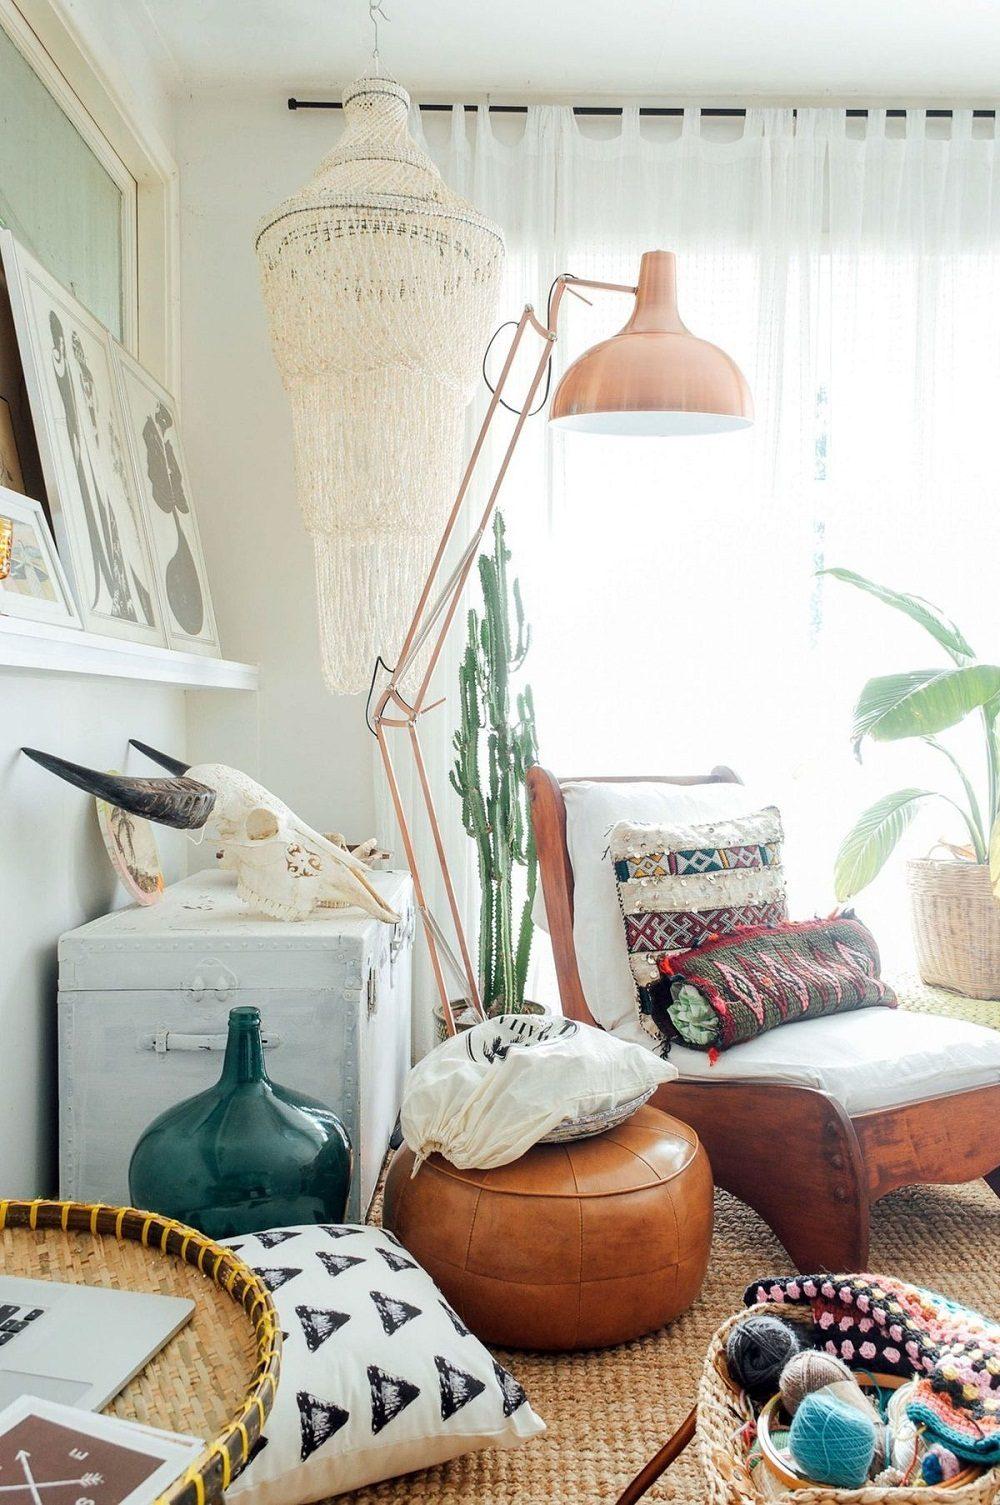 Thiết kế phòng khách phong cách Bohemian cực ấn tượng - 03